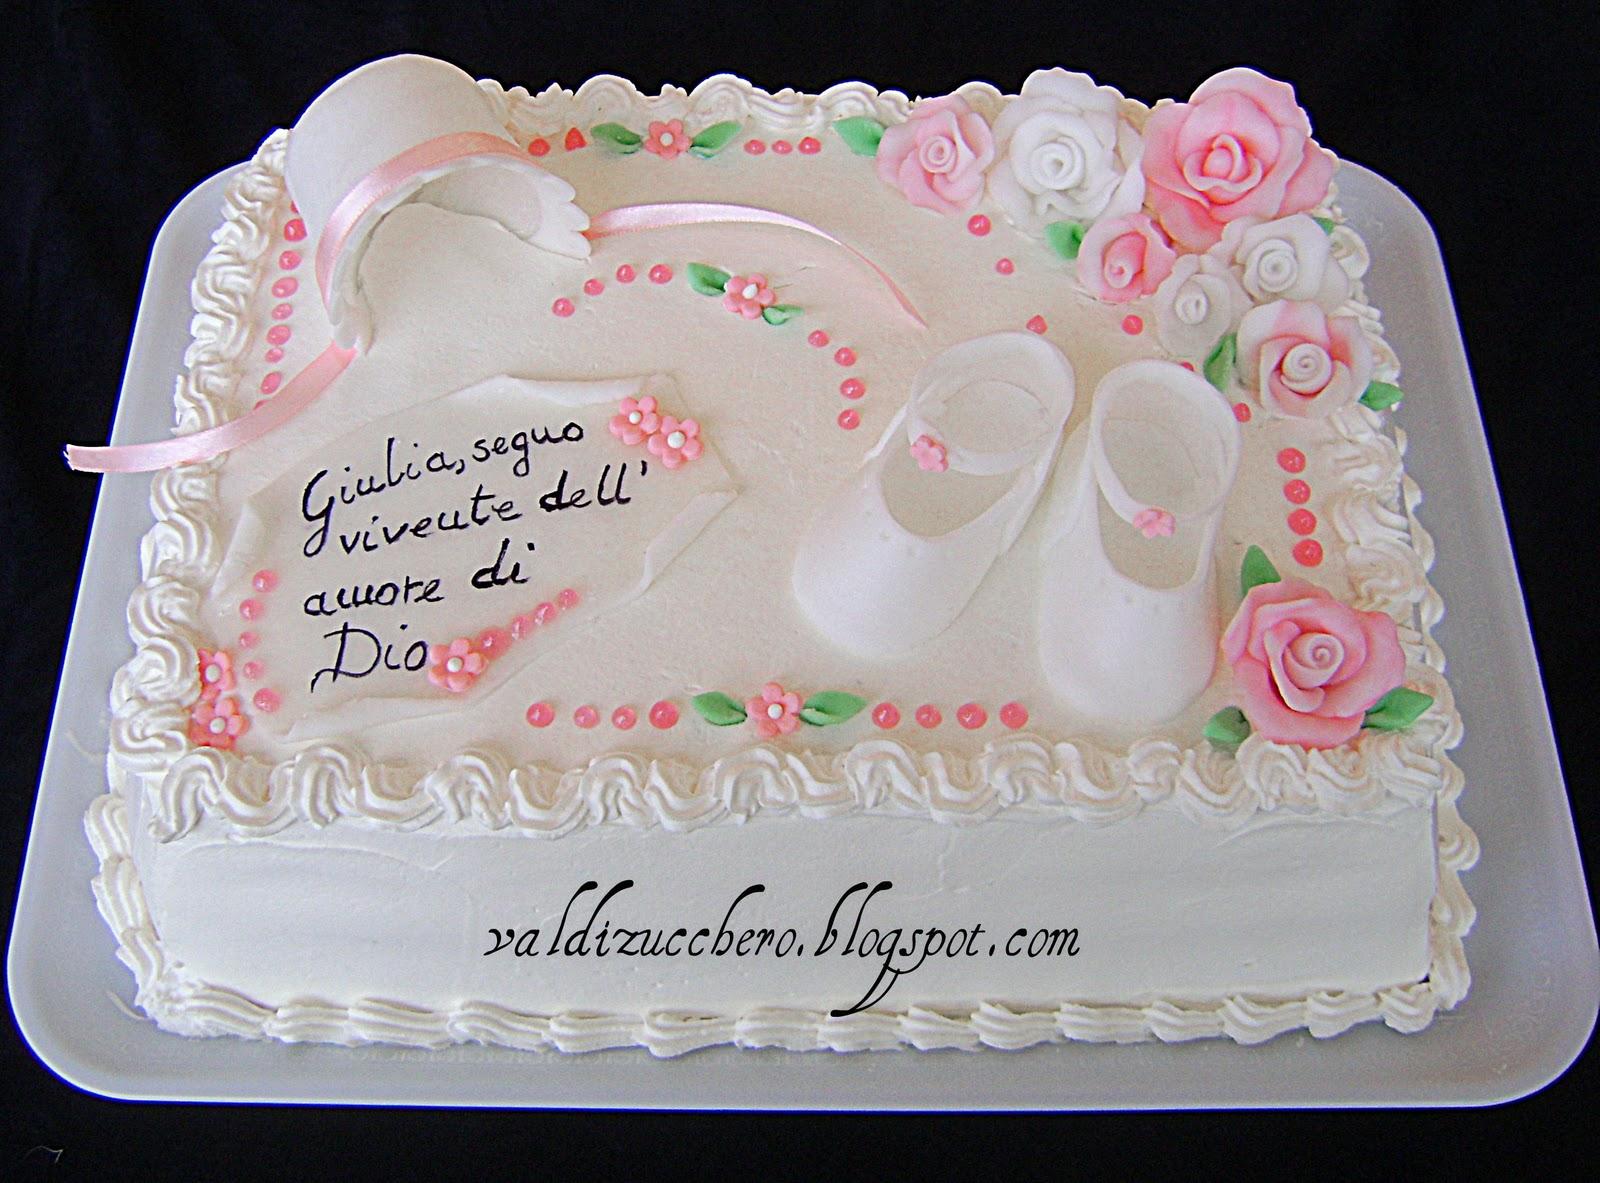 Val di zucchero un dolce battesimo - Decorazioni per battesimo bimba ...